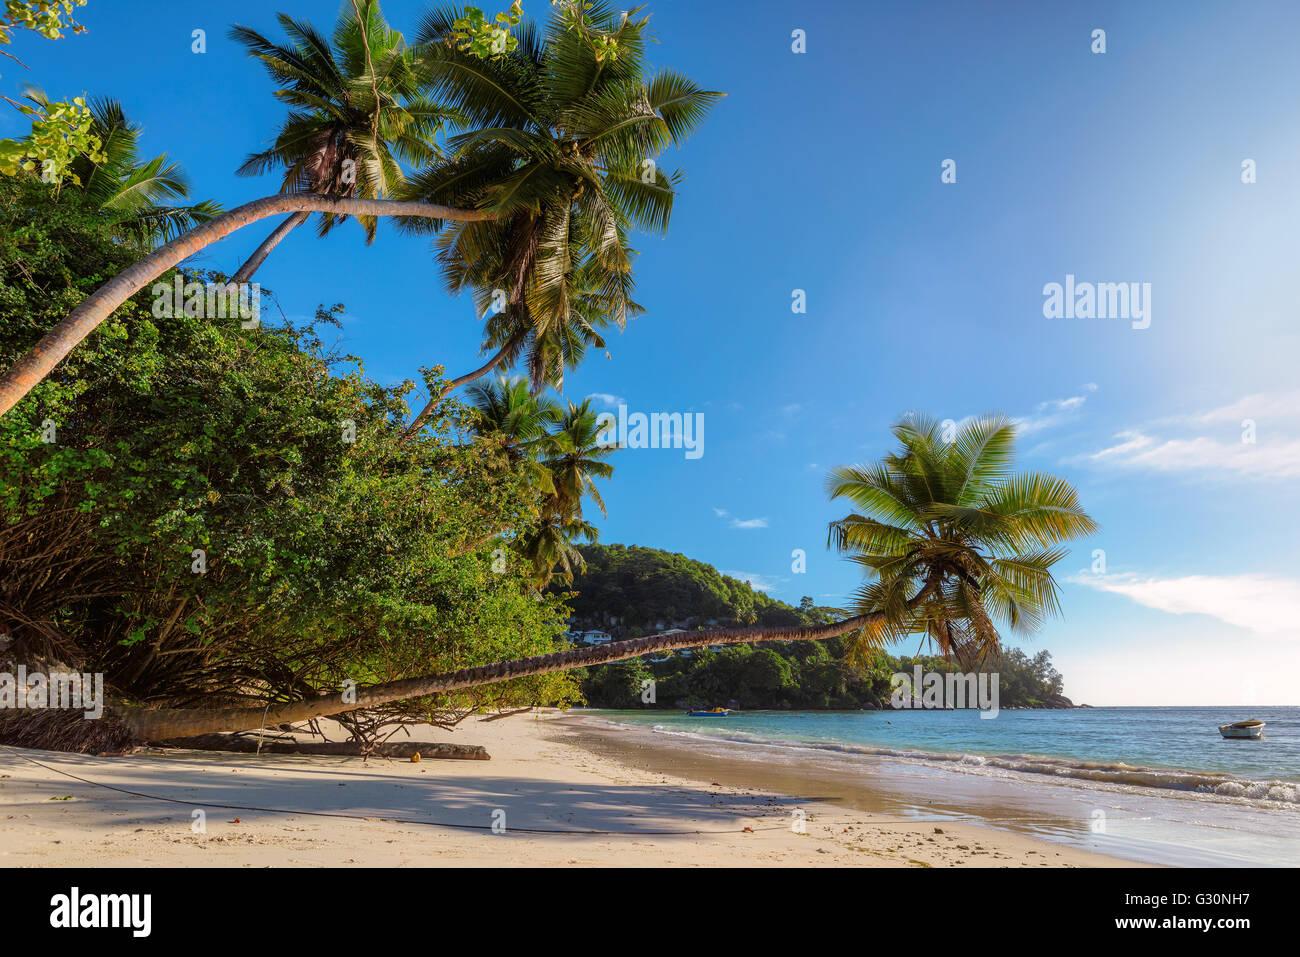 Beach on Mahe island, Seychelles, Indian Ocean, Africa Stock Photo